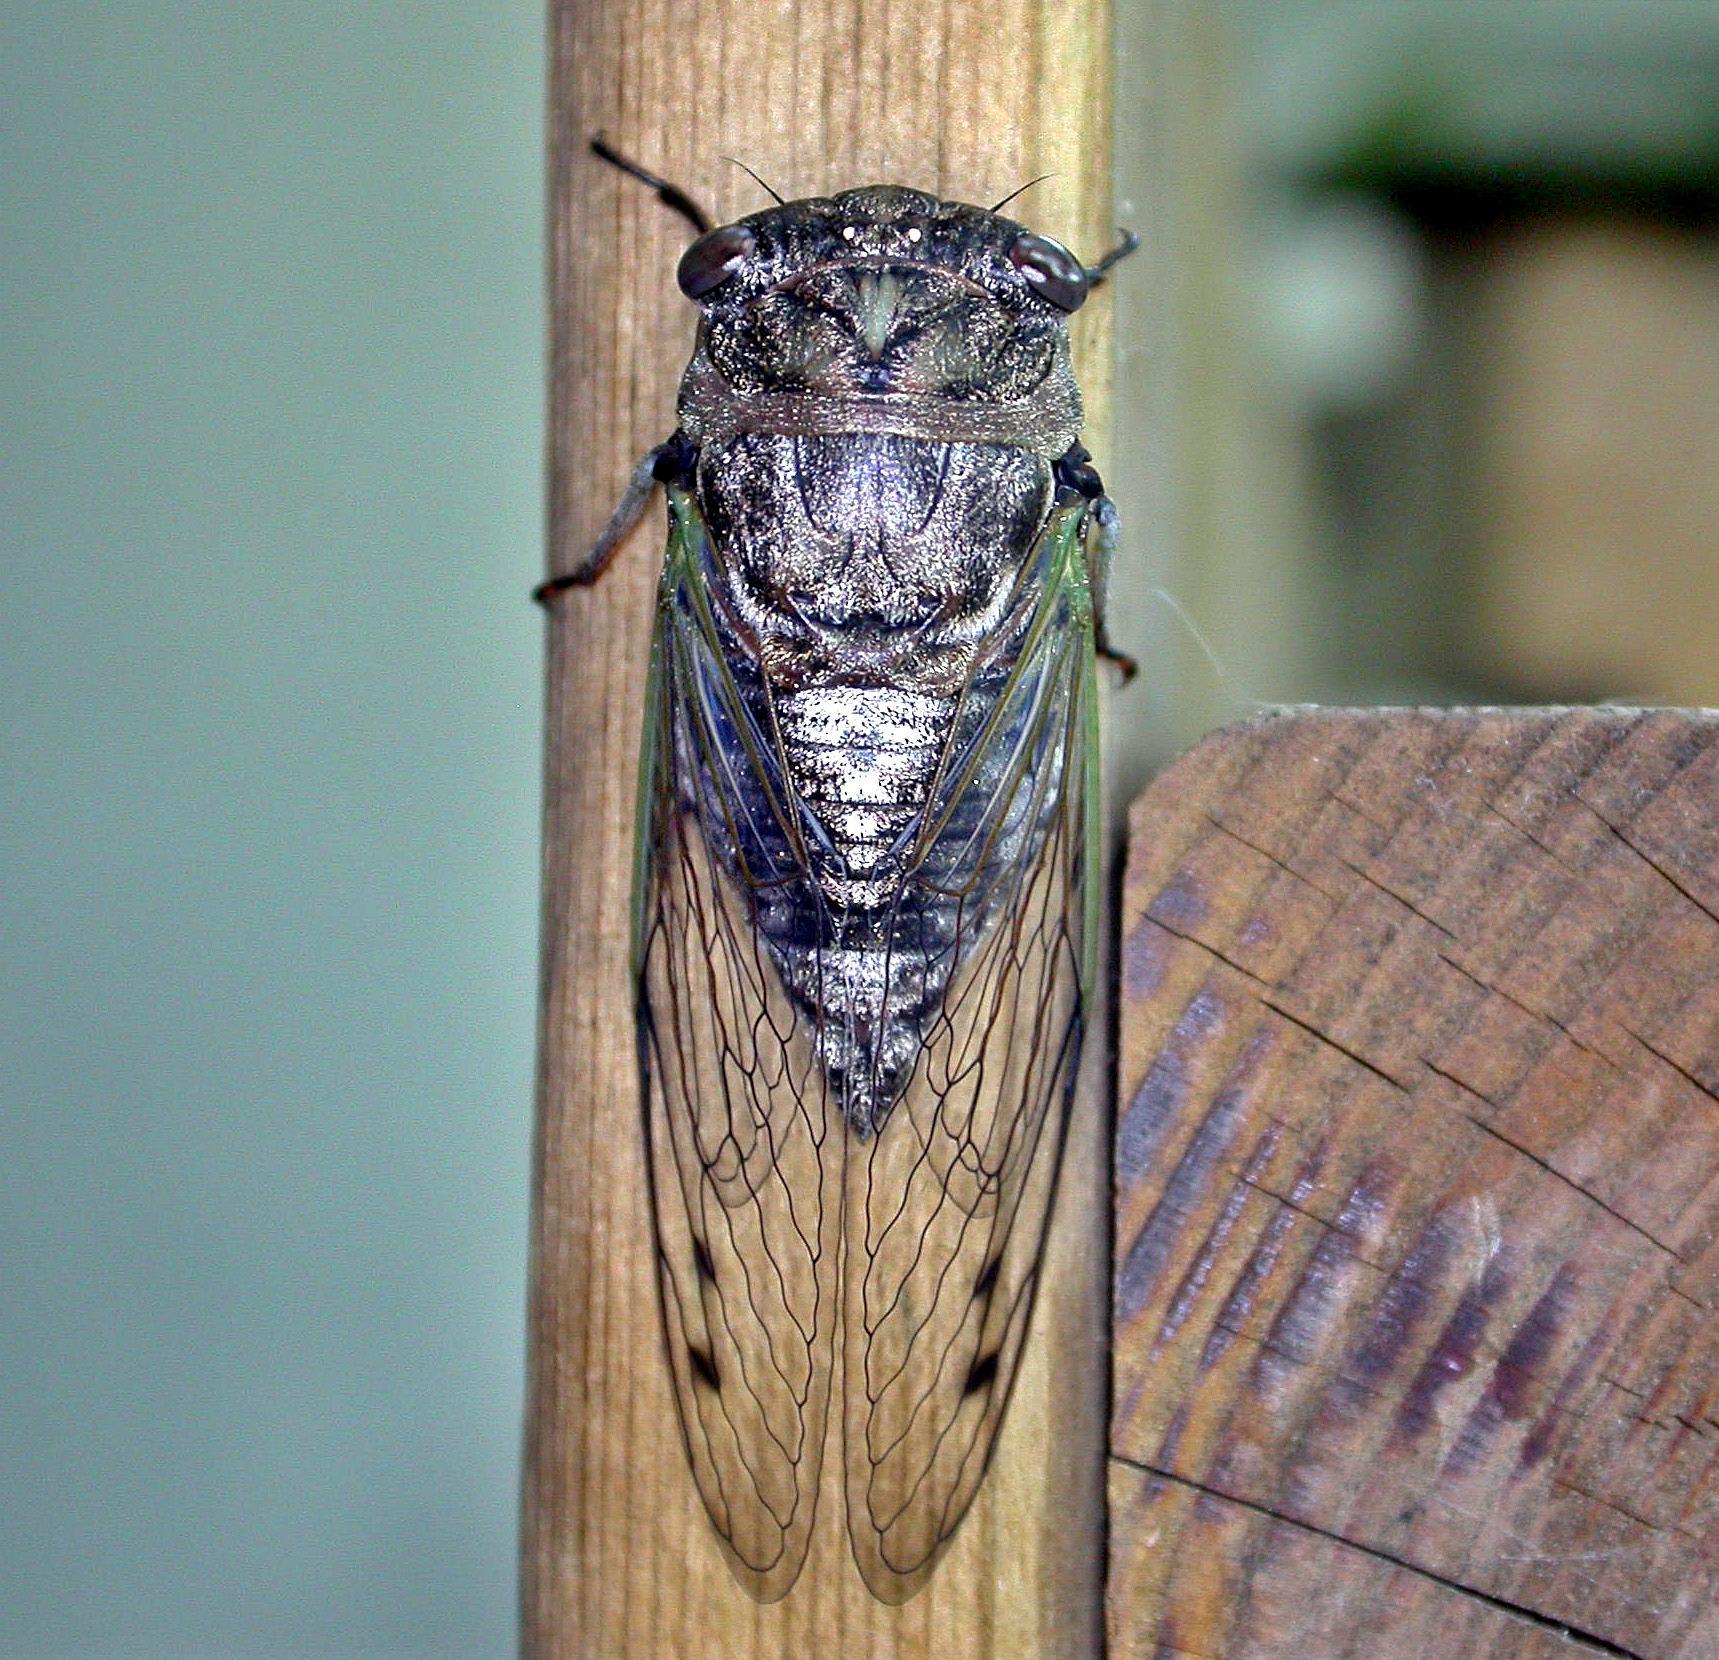 Cicada. Photo: Bob Yukich